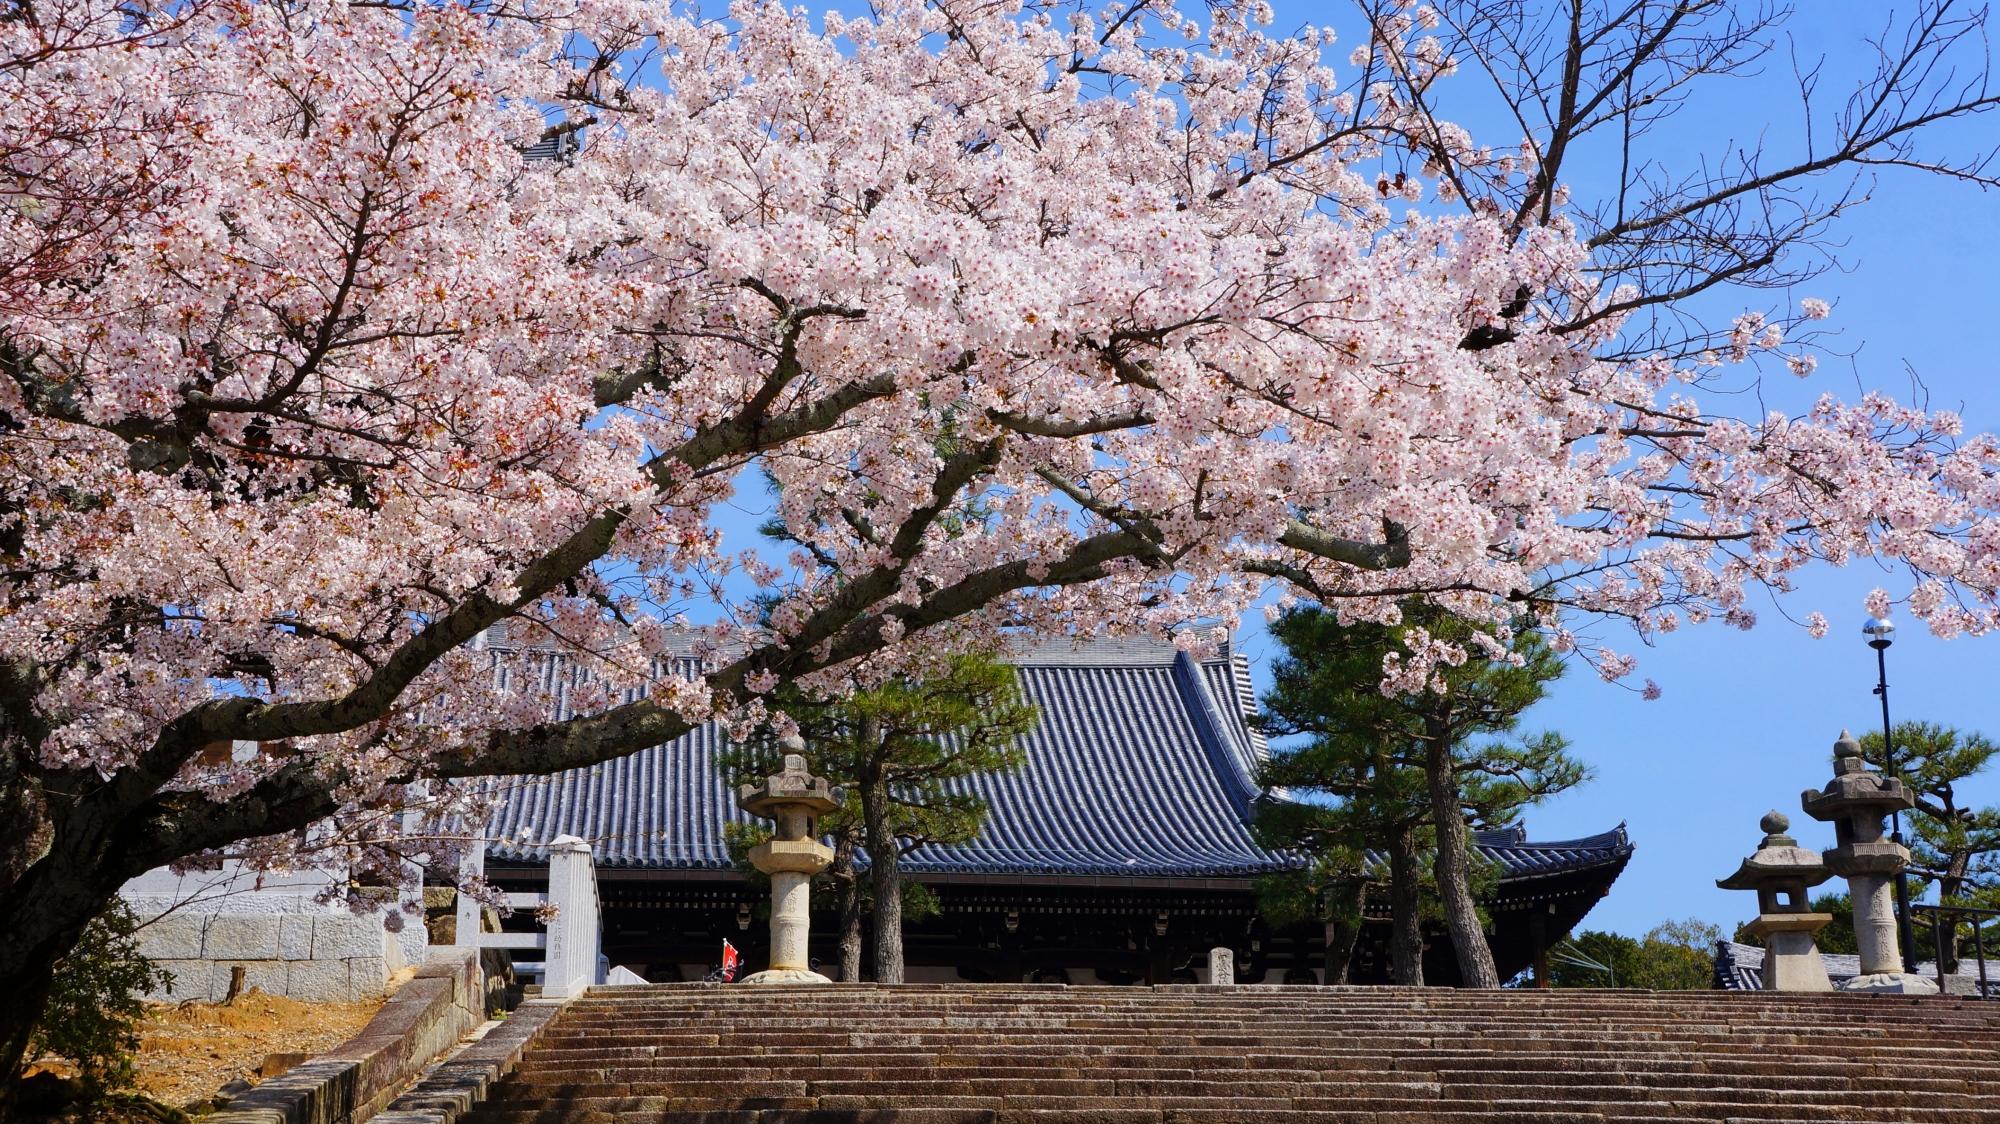 金戒光明寺の華やかな桜と春の情景